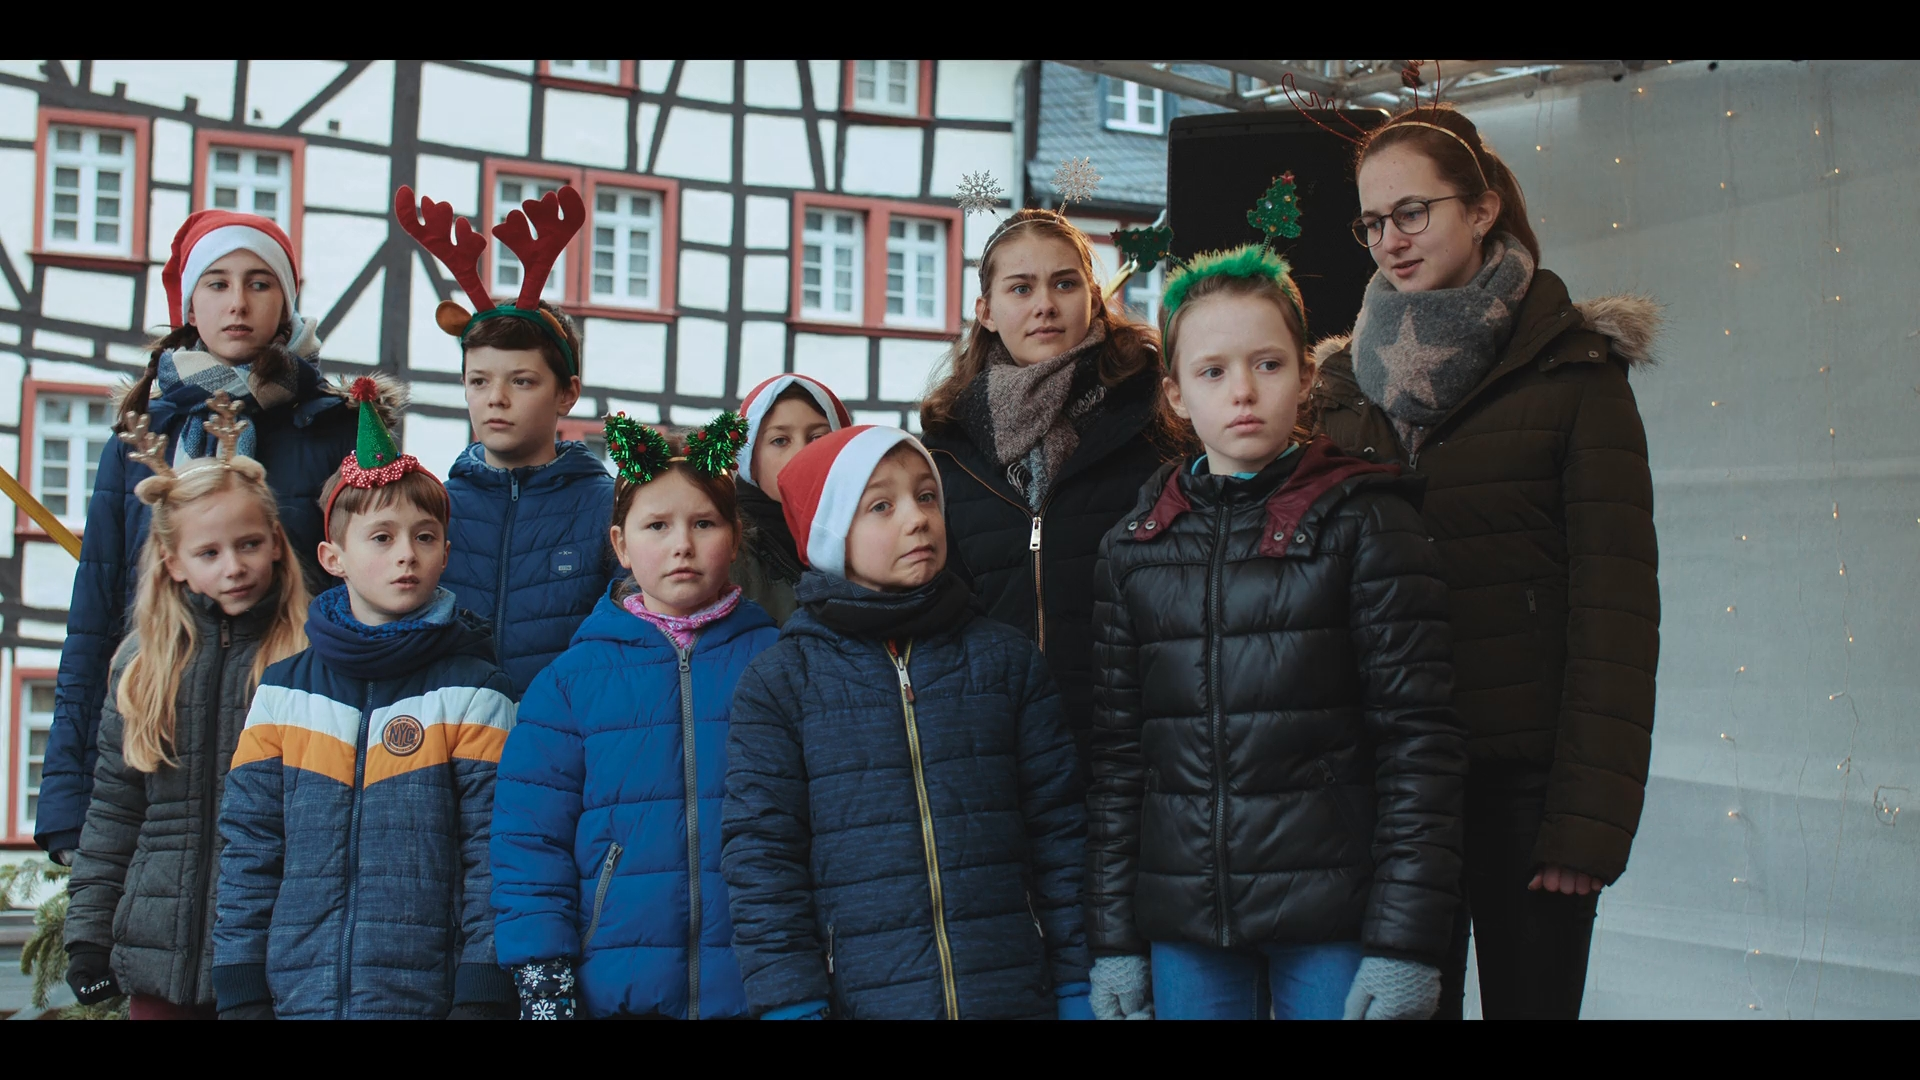 Visita de Navidad (2020) 1080p WEB-DL Latino